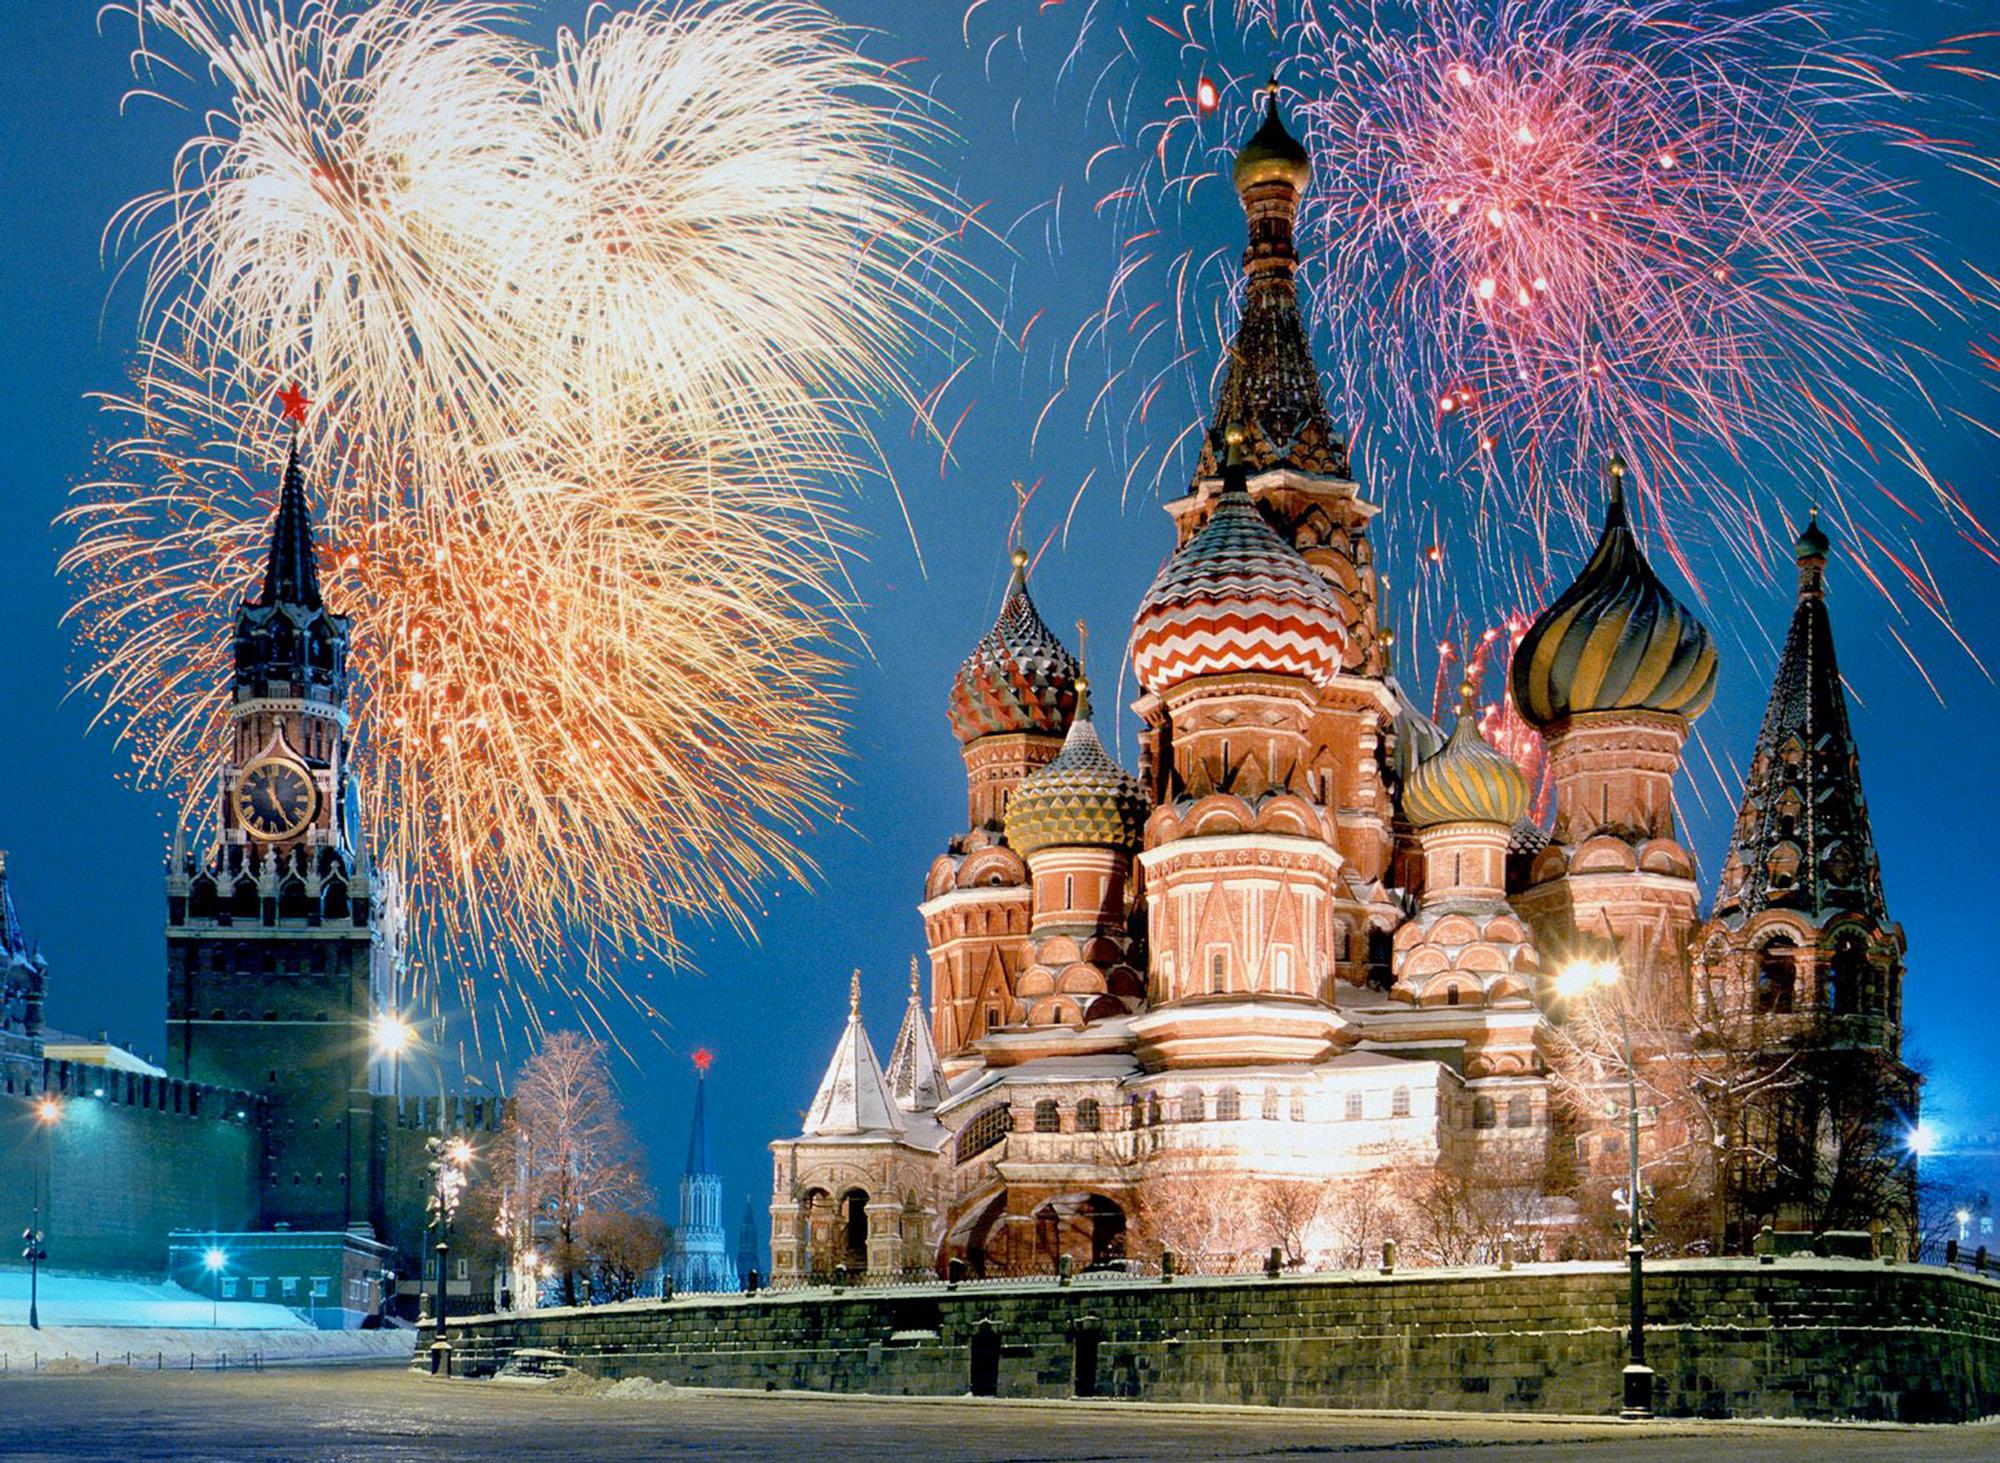 © www.nasslagdenie.ru